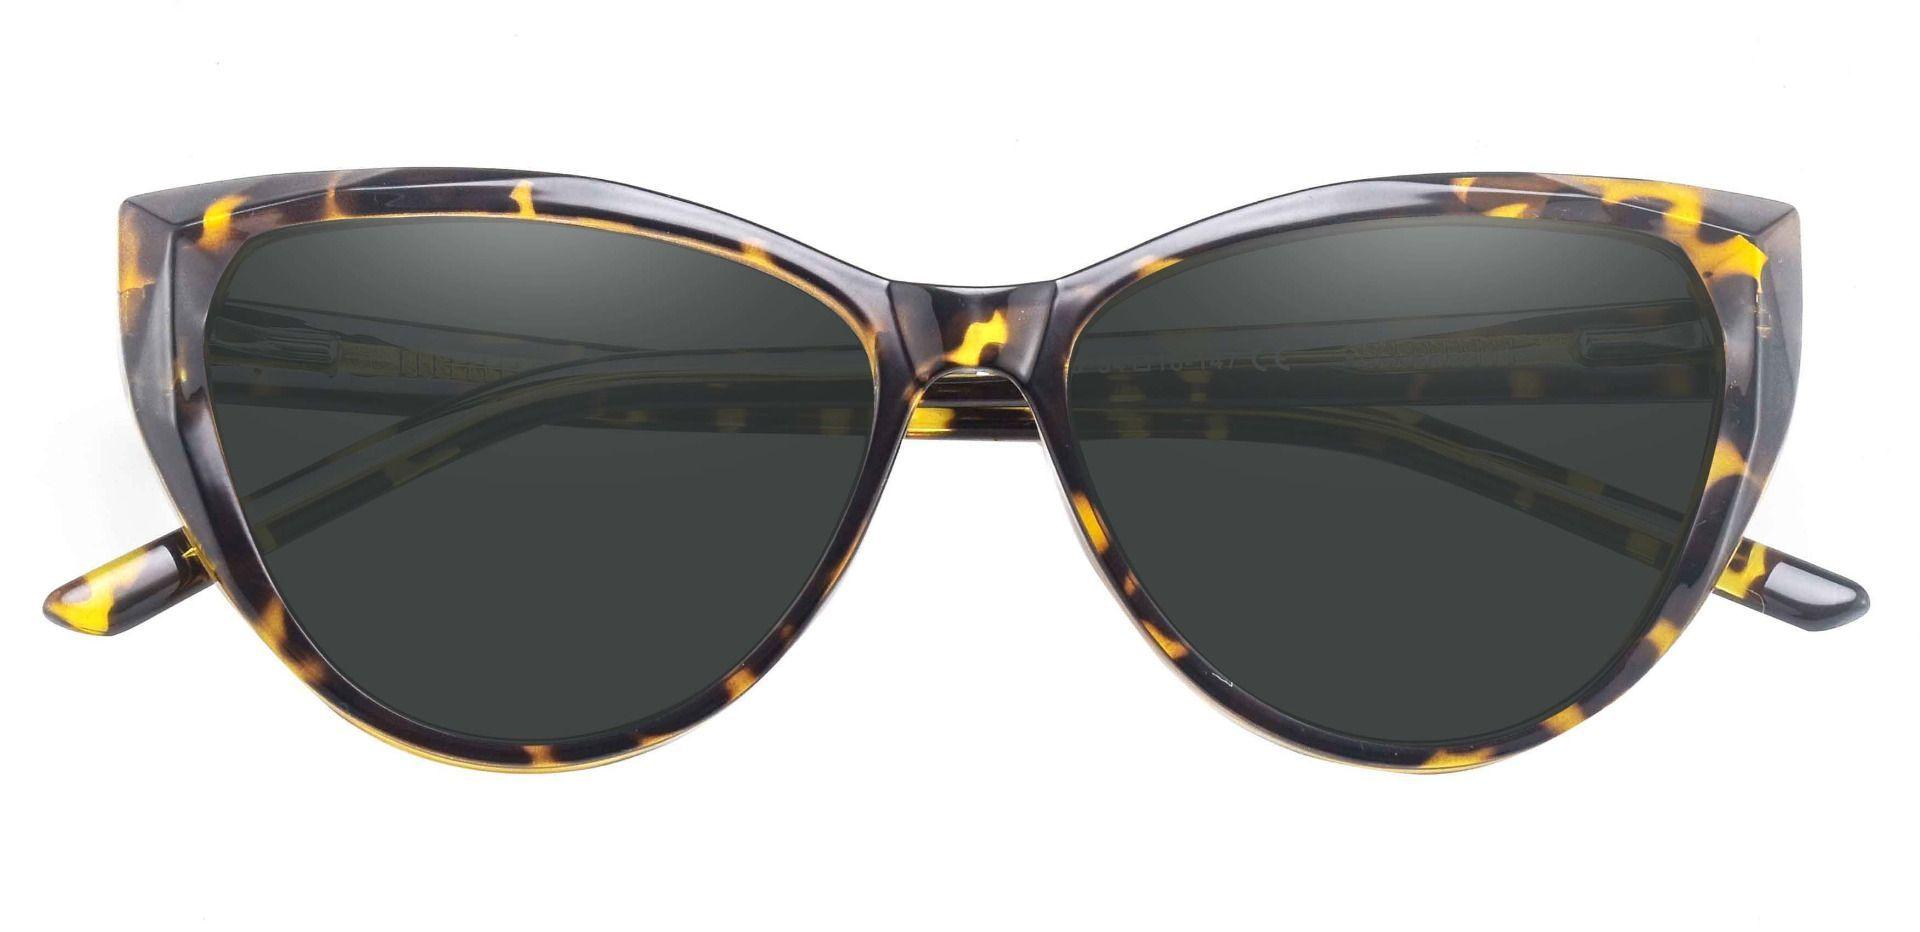 Ireland Cat Eye Reading Sunglasses - Tortoise Frame With Gray Lenses